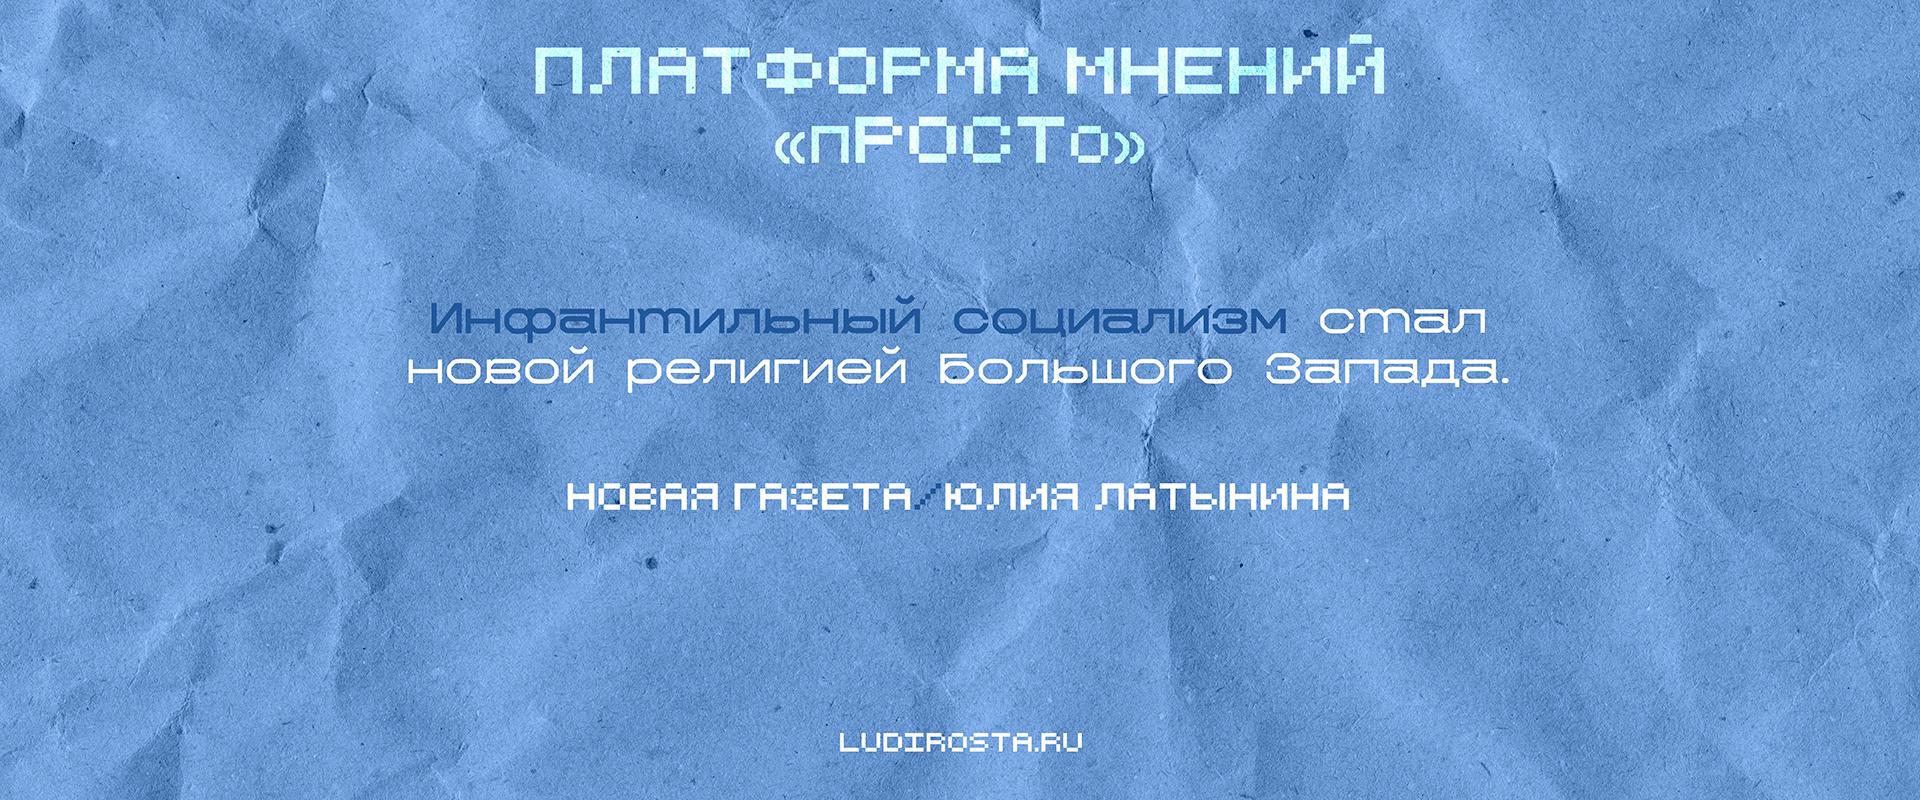 latynina